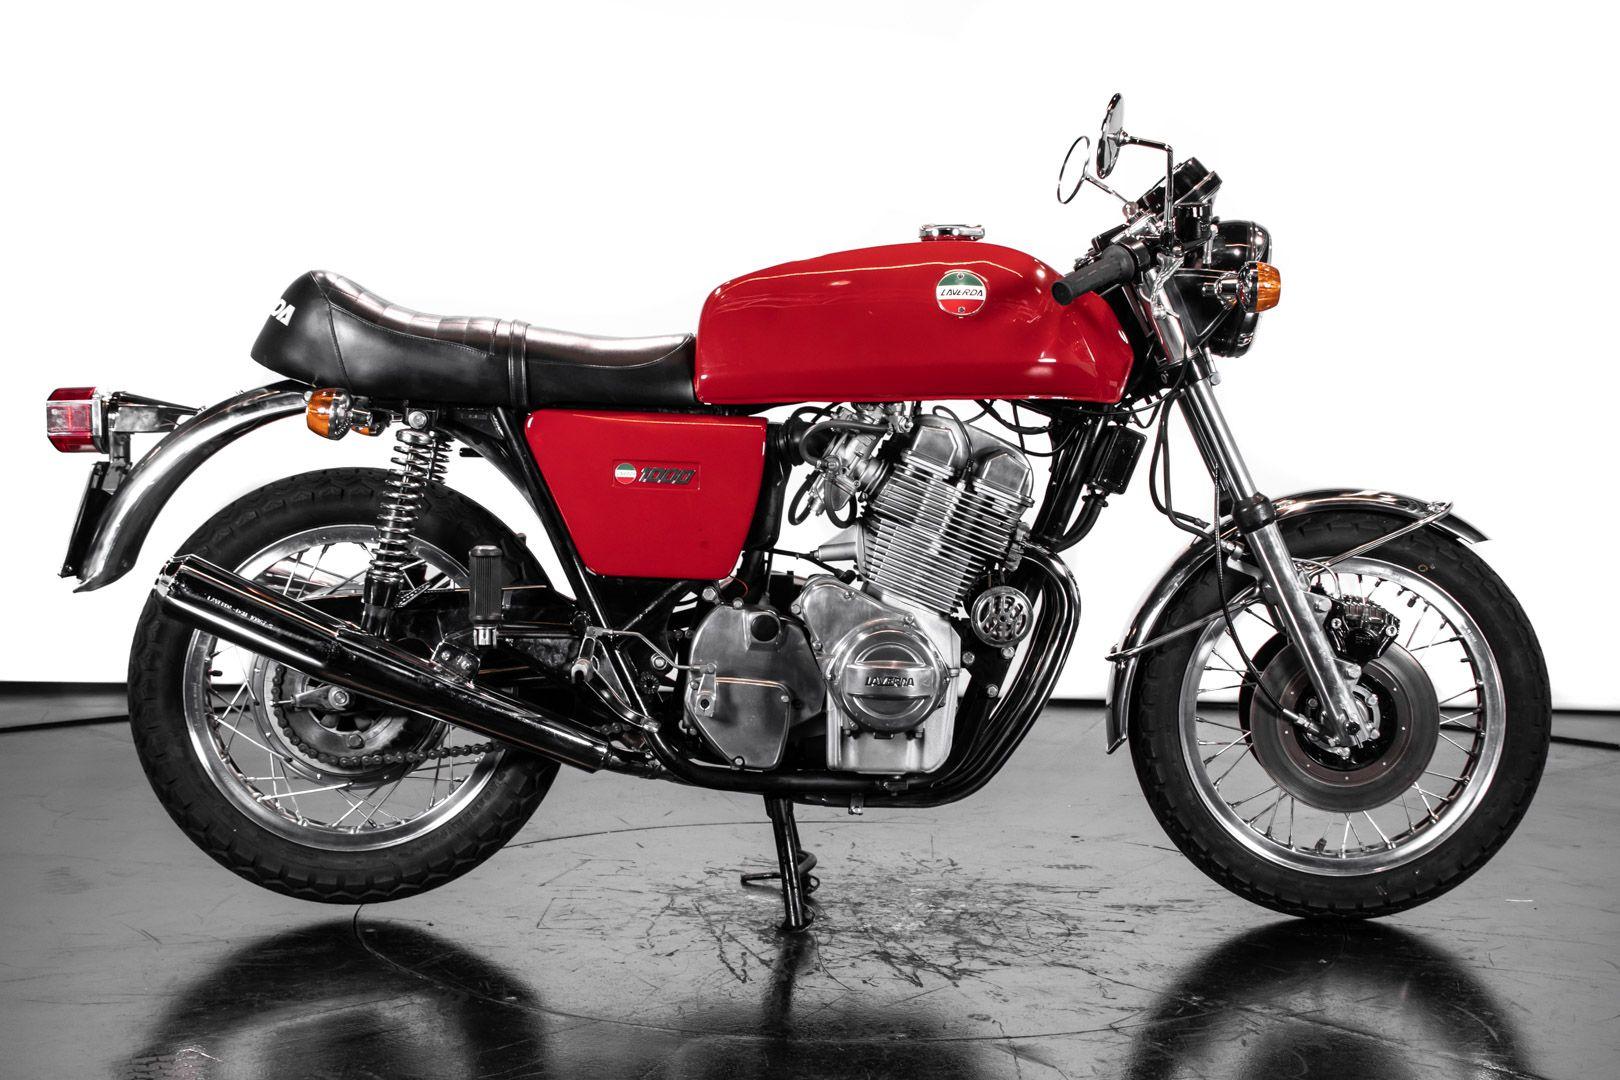 1975 Laverda 1000 83400